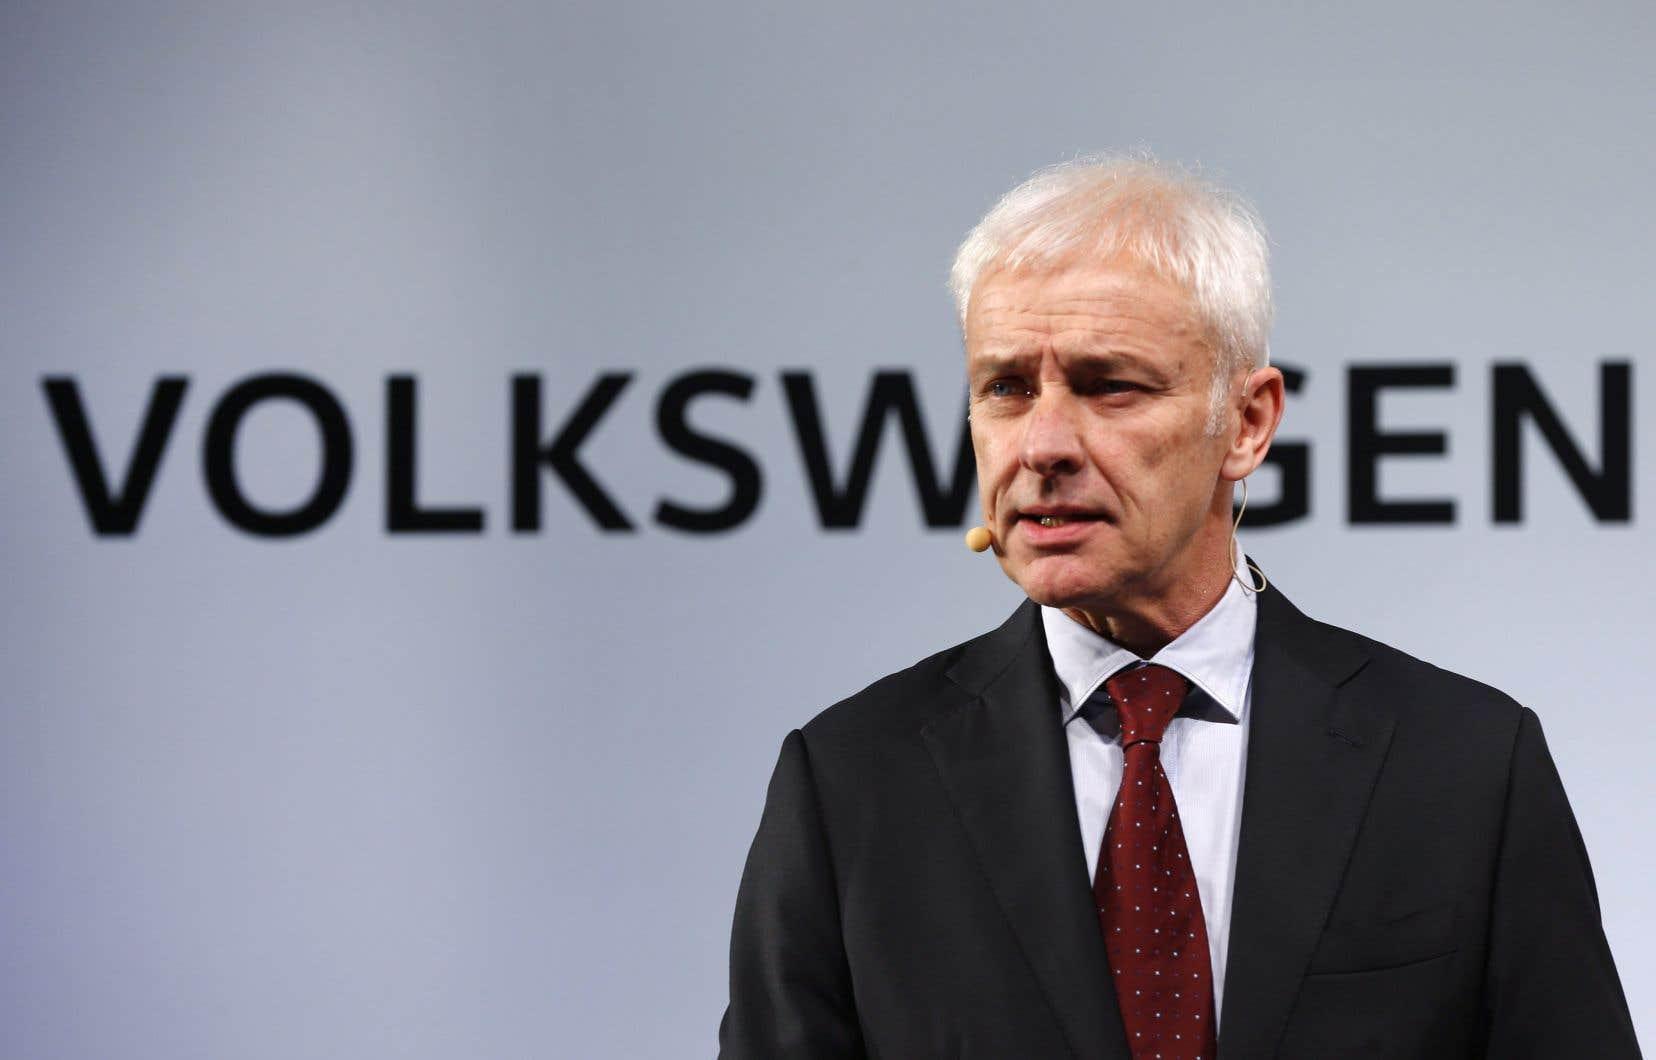 Dans un entretien au magazine «Spiegel», Matthias Müller a déclaré ne pas comprendre l'émoi suscité en Allemagne par les rémunérations de chefs d'entreprise.